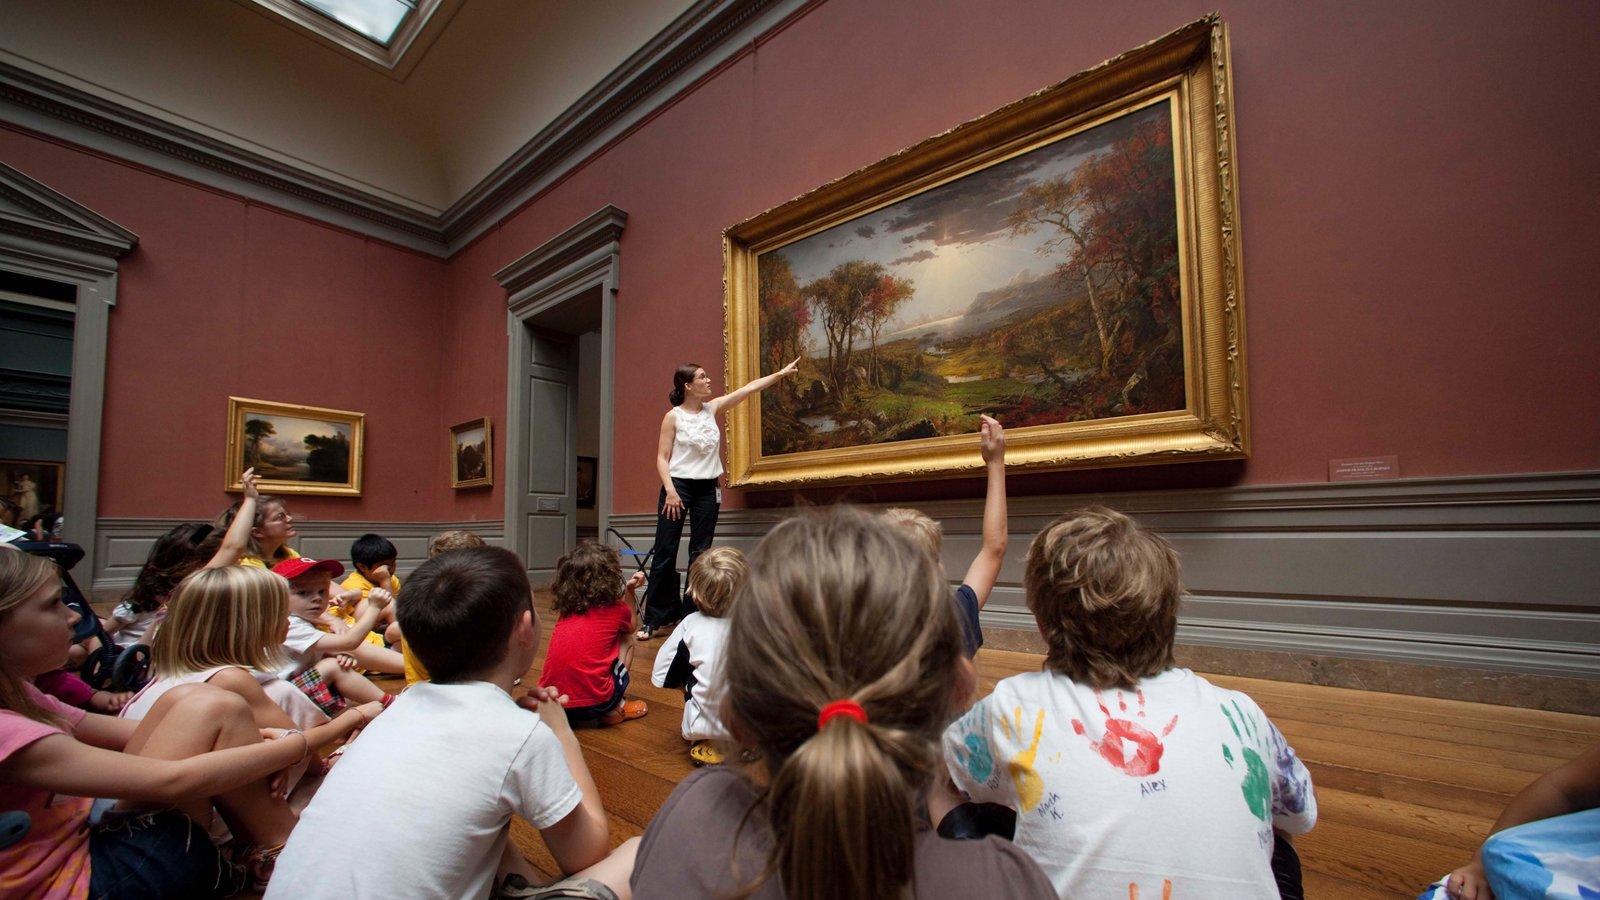 Galería Nacional de Arte ofreciendo arte y vistas interiores y también una mujer